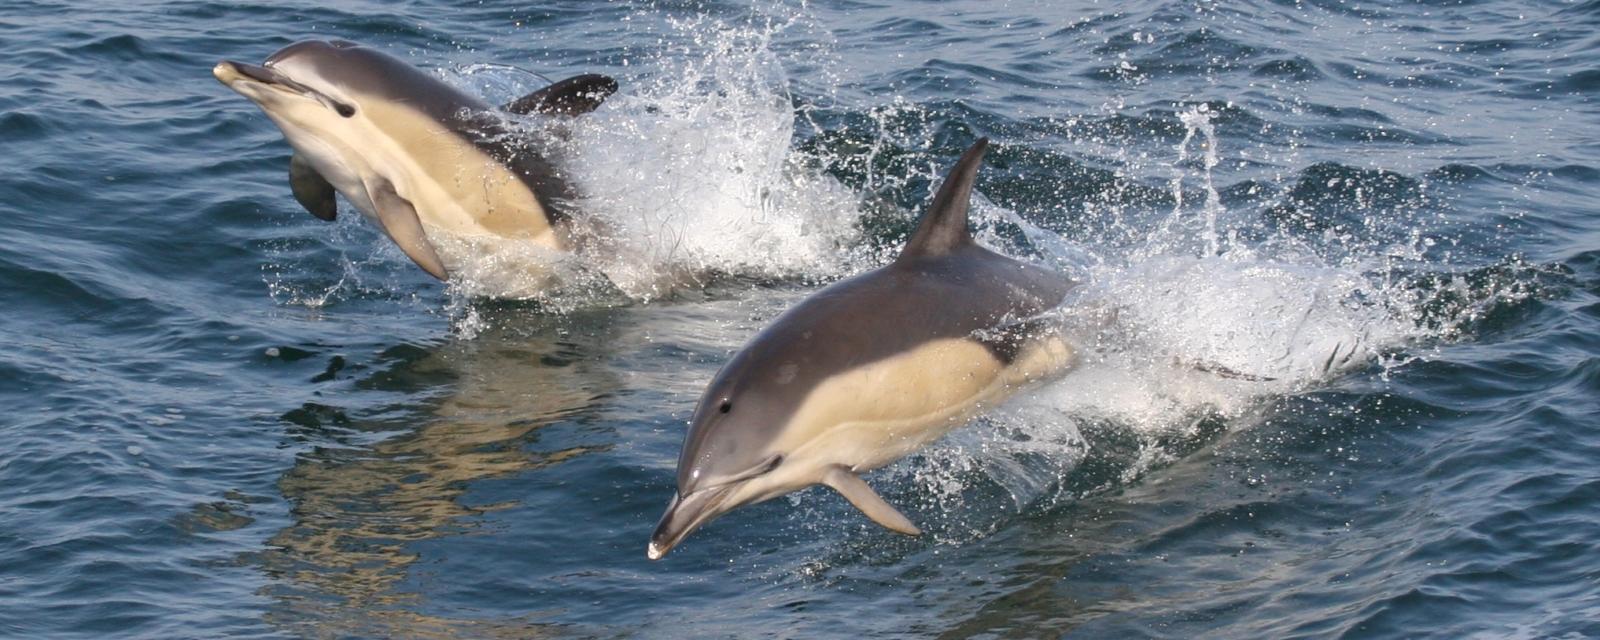 La Rochelle Université participe au projet CetAMBICion, projet de lutte contre l'échouage des dauphins